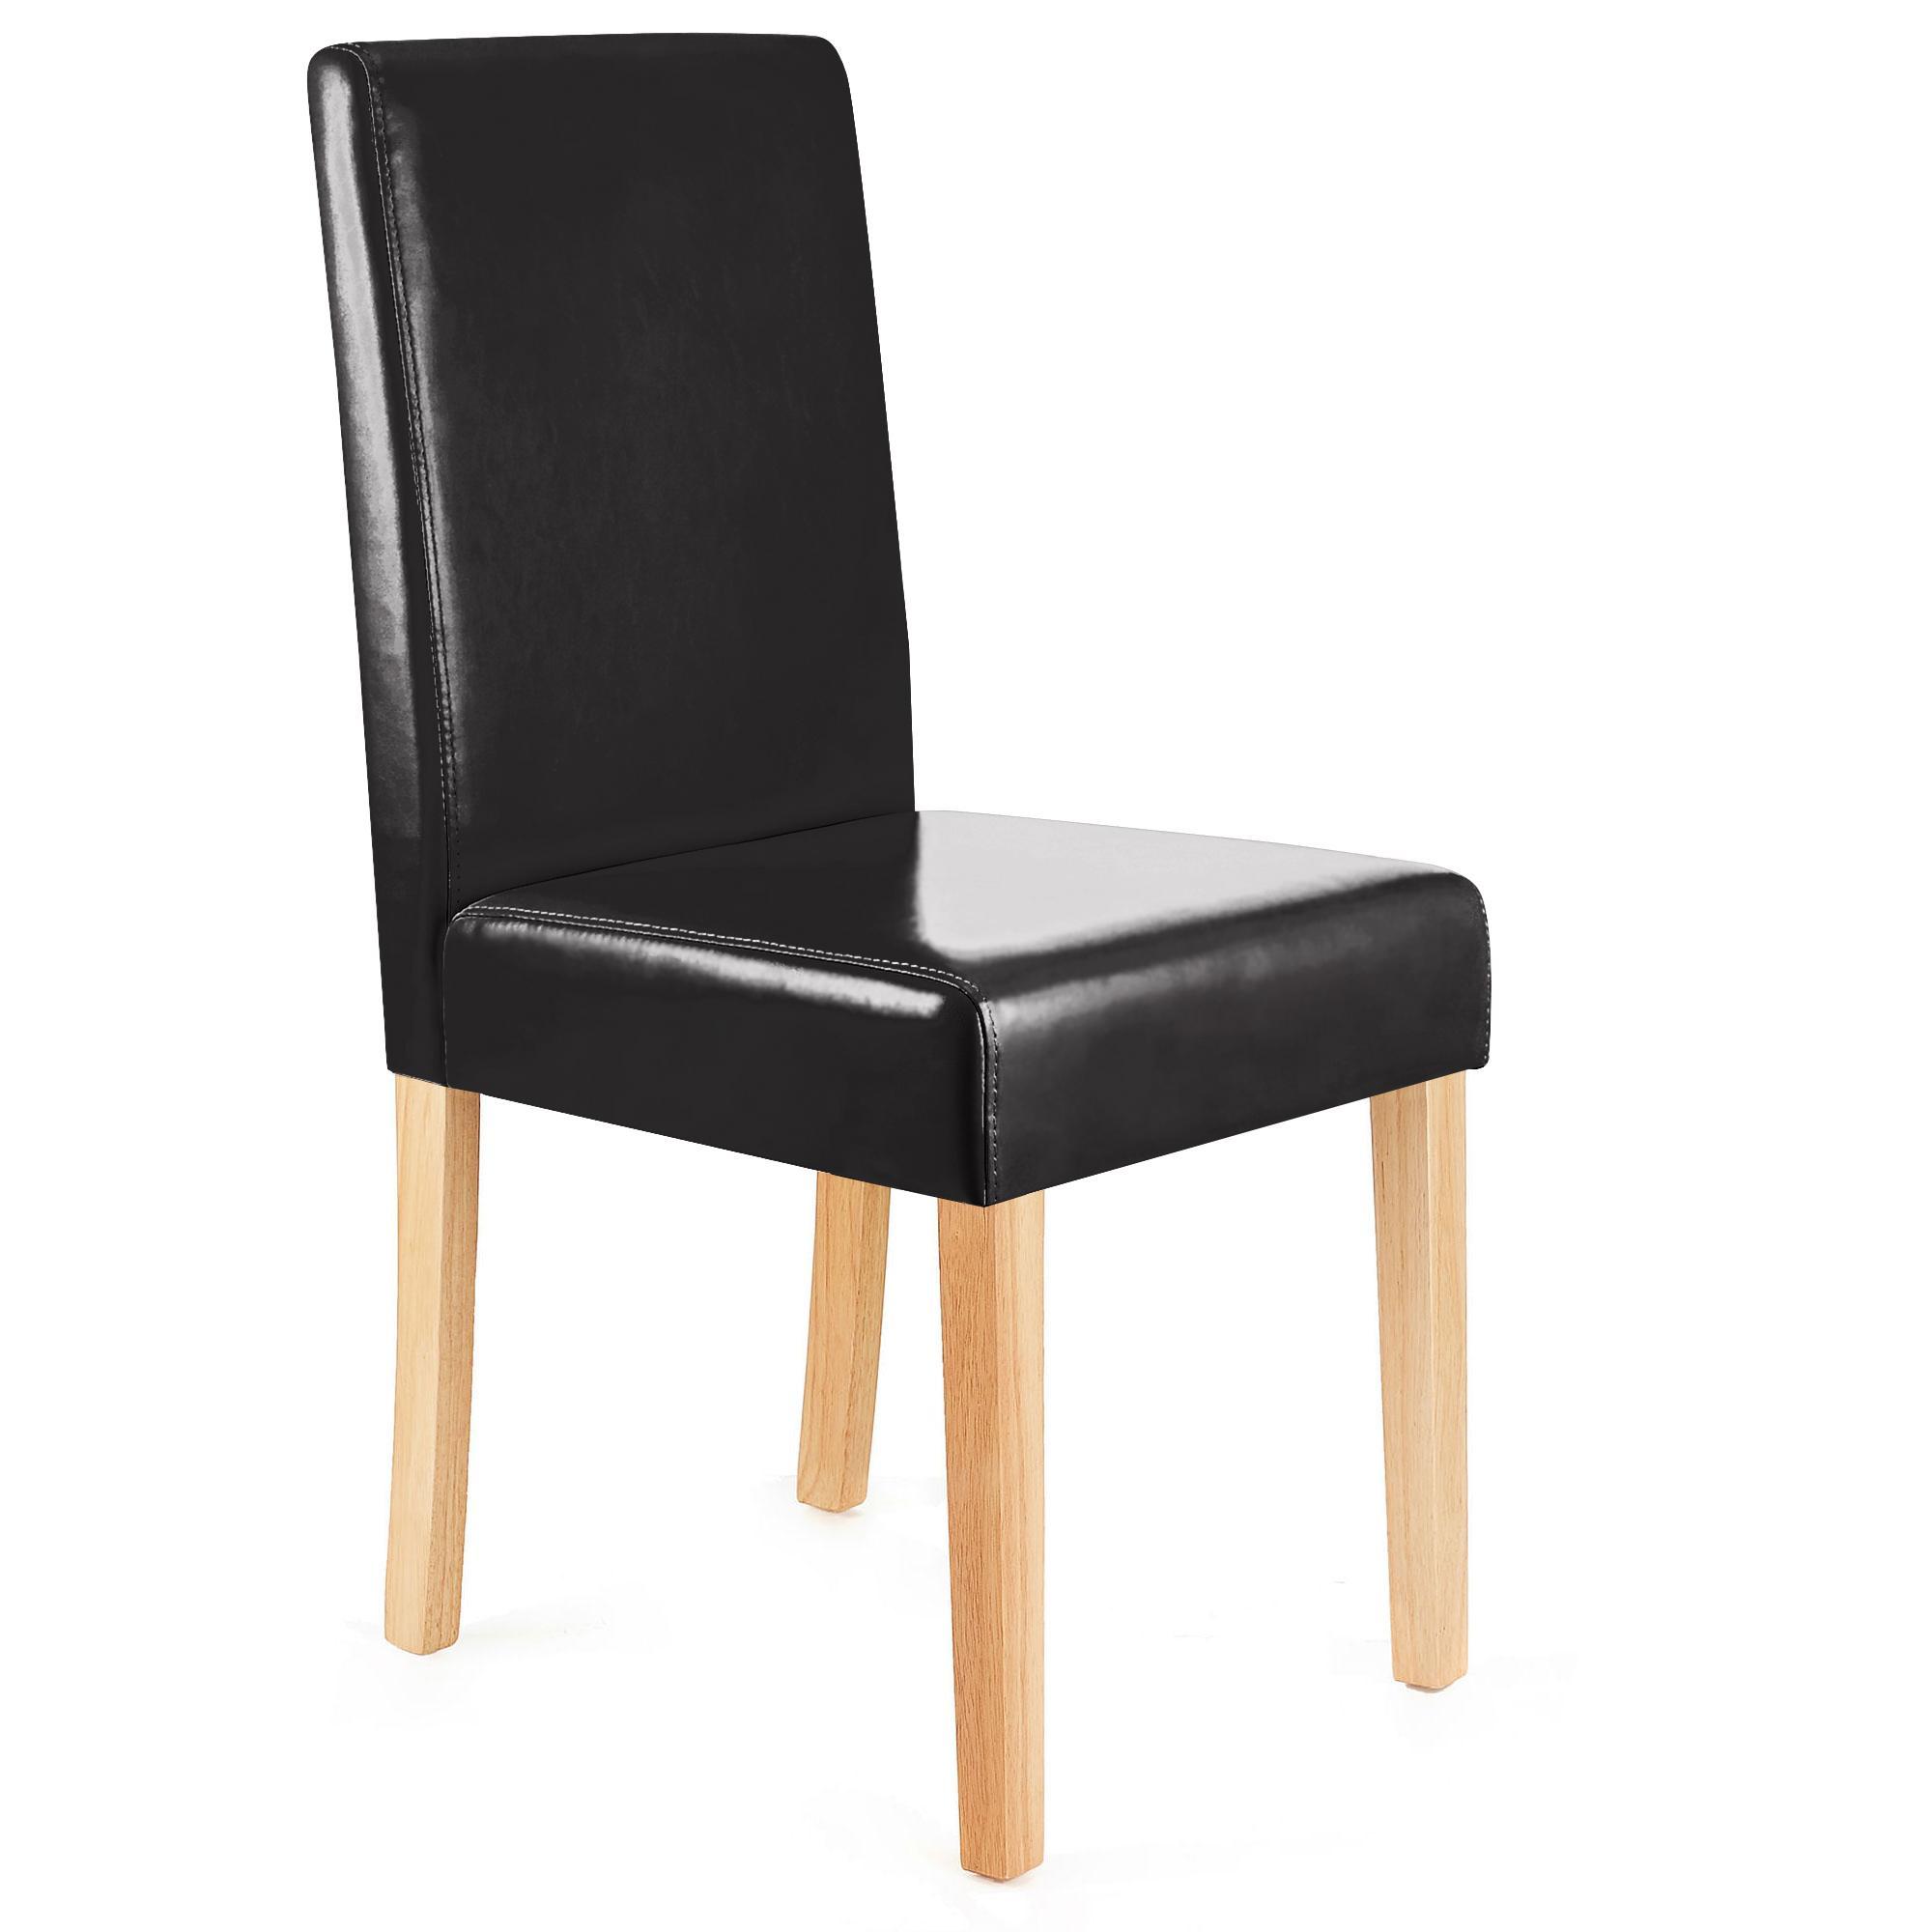 Lote 6 sillas de comedor litau precioso dise o piel - Sillas de comedor diseno ...